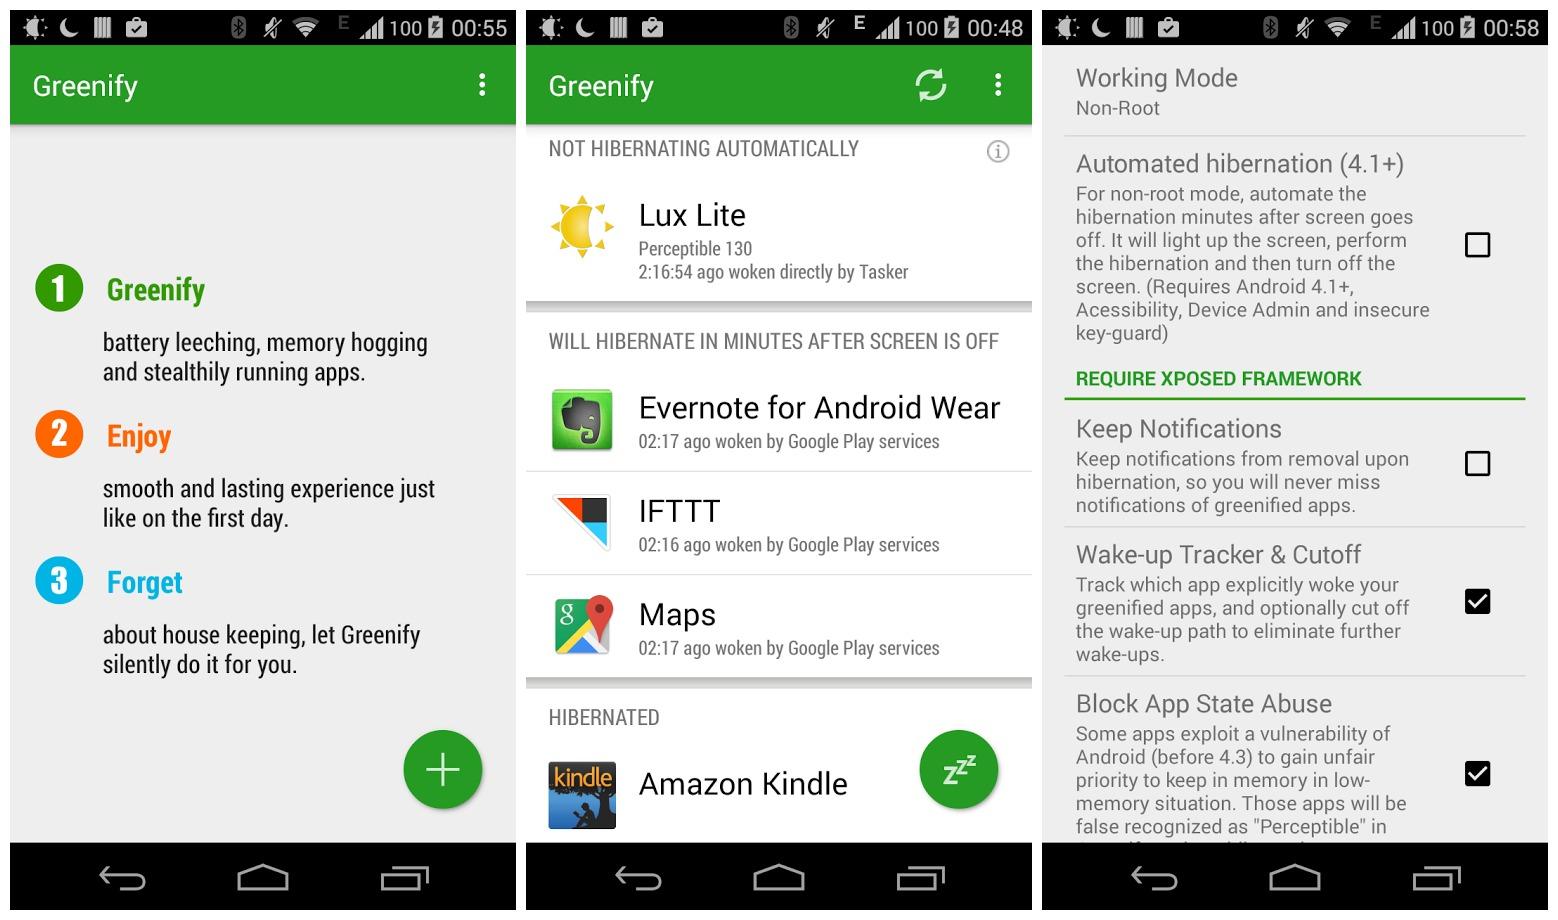 Greenify Donate v4.7 build 47000 Full APK